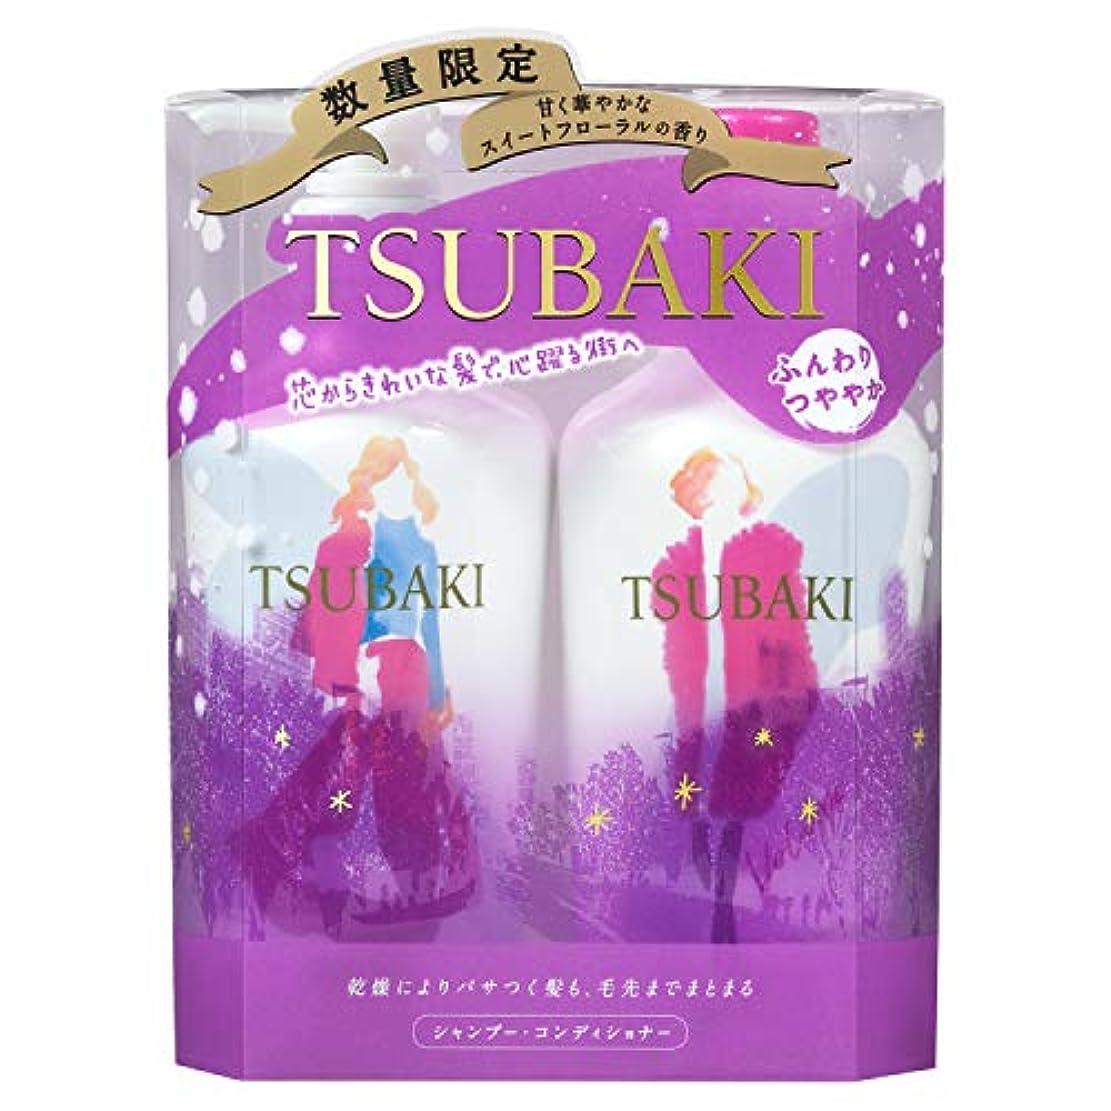 ツバキ (TSUBAKI) ふんわりつややか ウィンターポンプペア (シャンプー&コンディショナー)